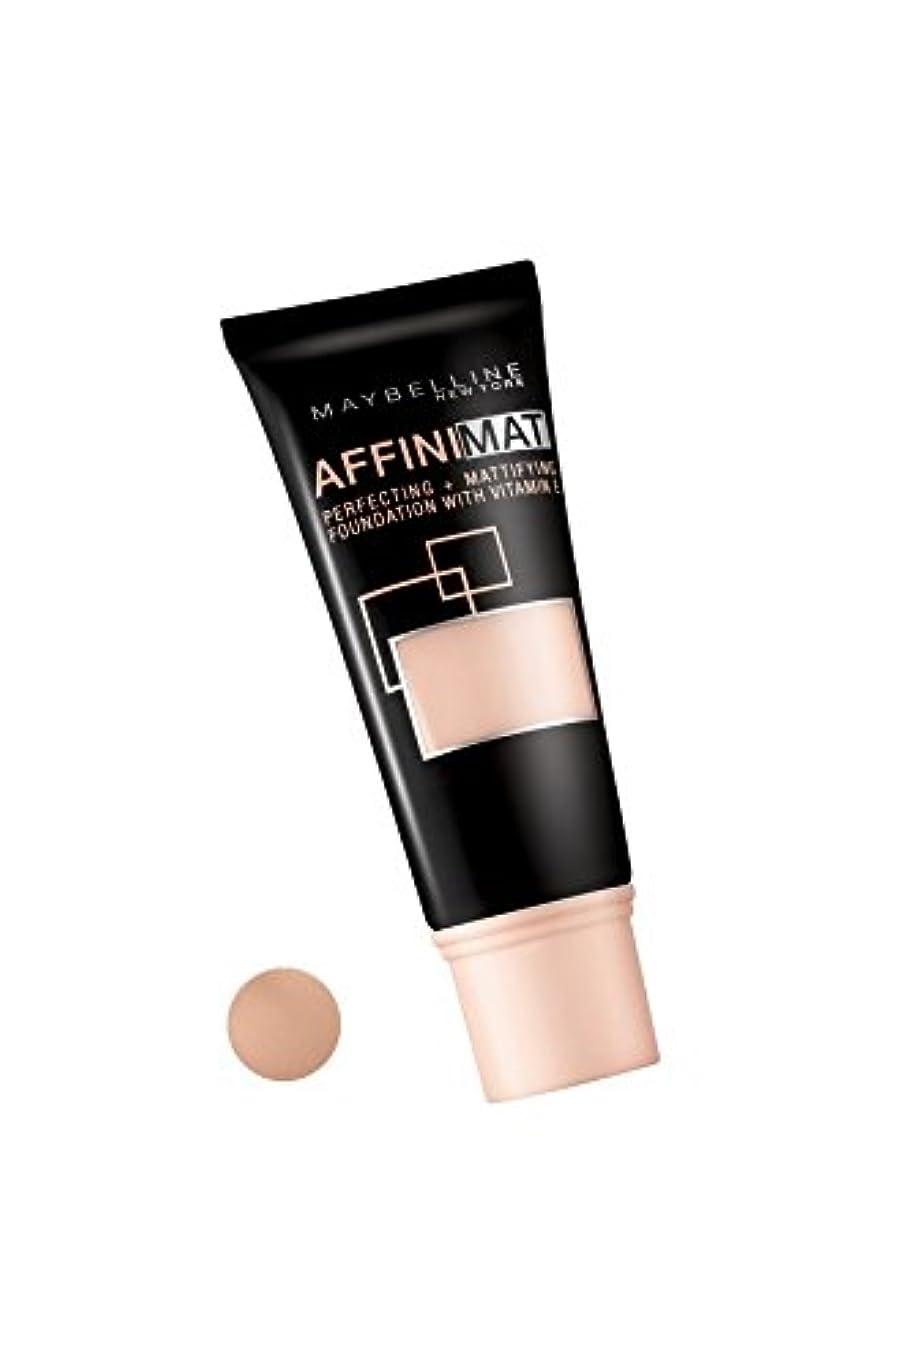 献身ホスト鍔Maybelline Affinimat Perfecting + Mattifying Foundation - 42 Dark Beige